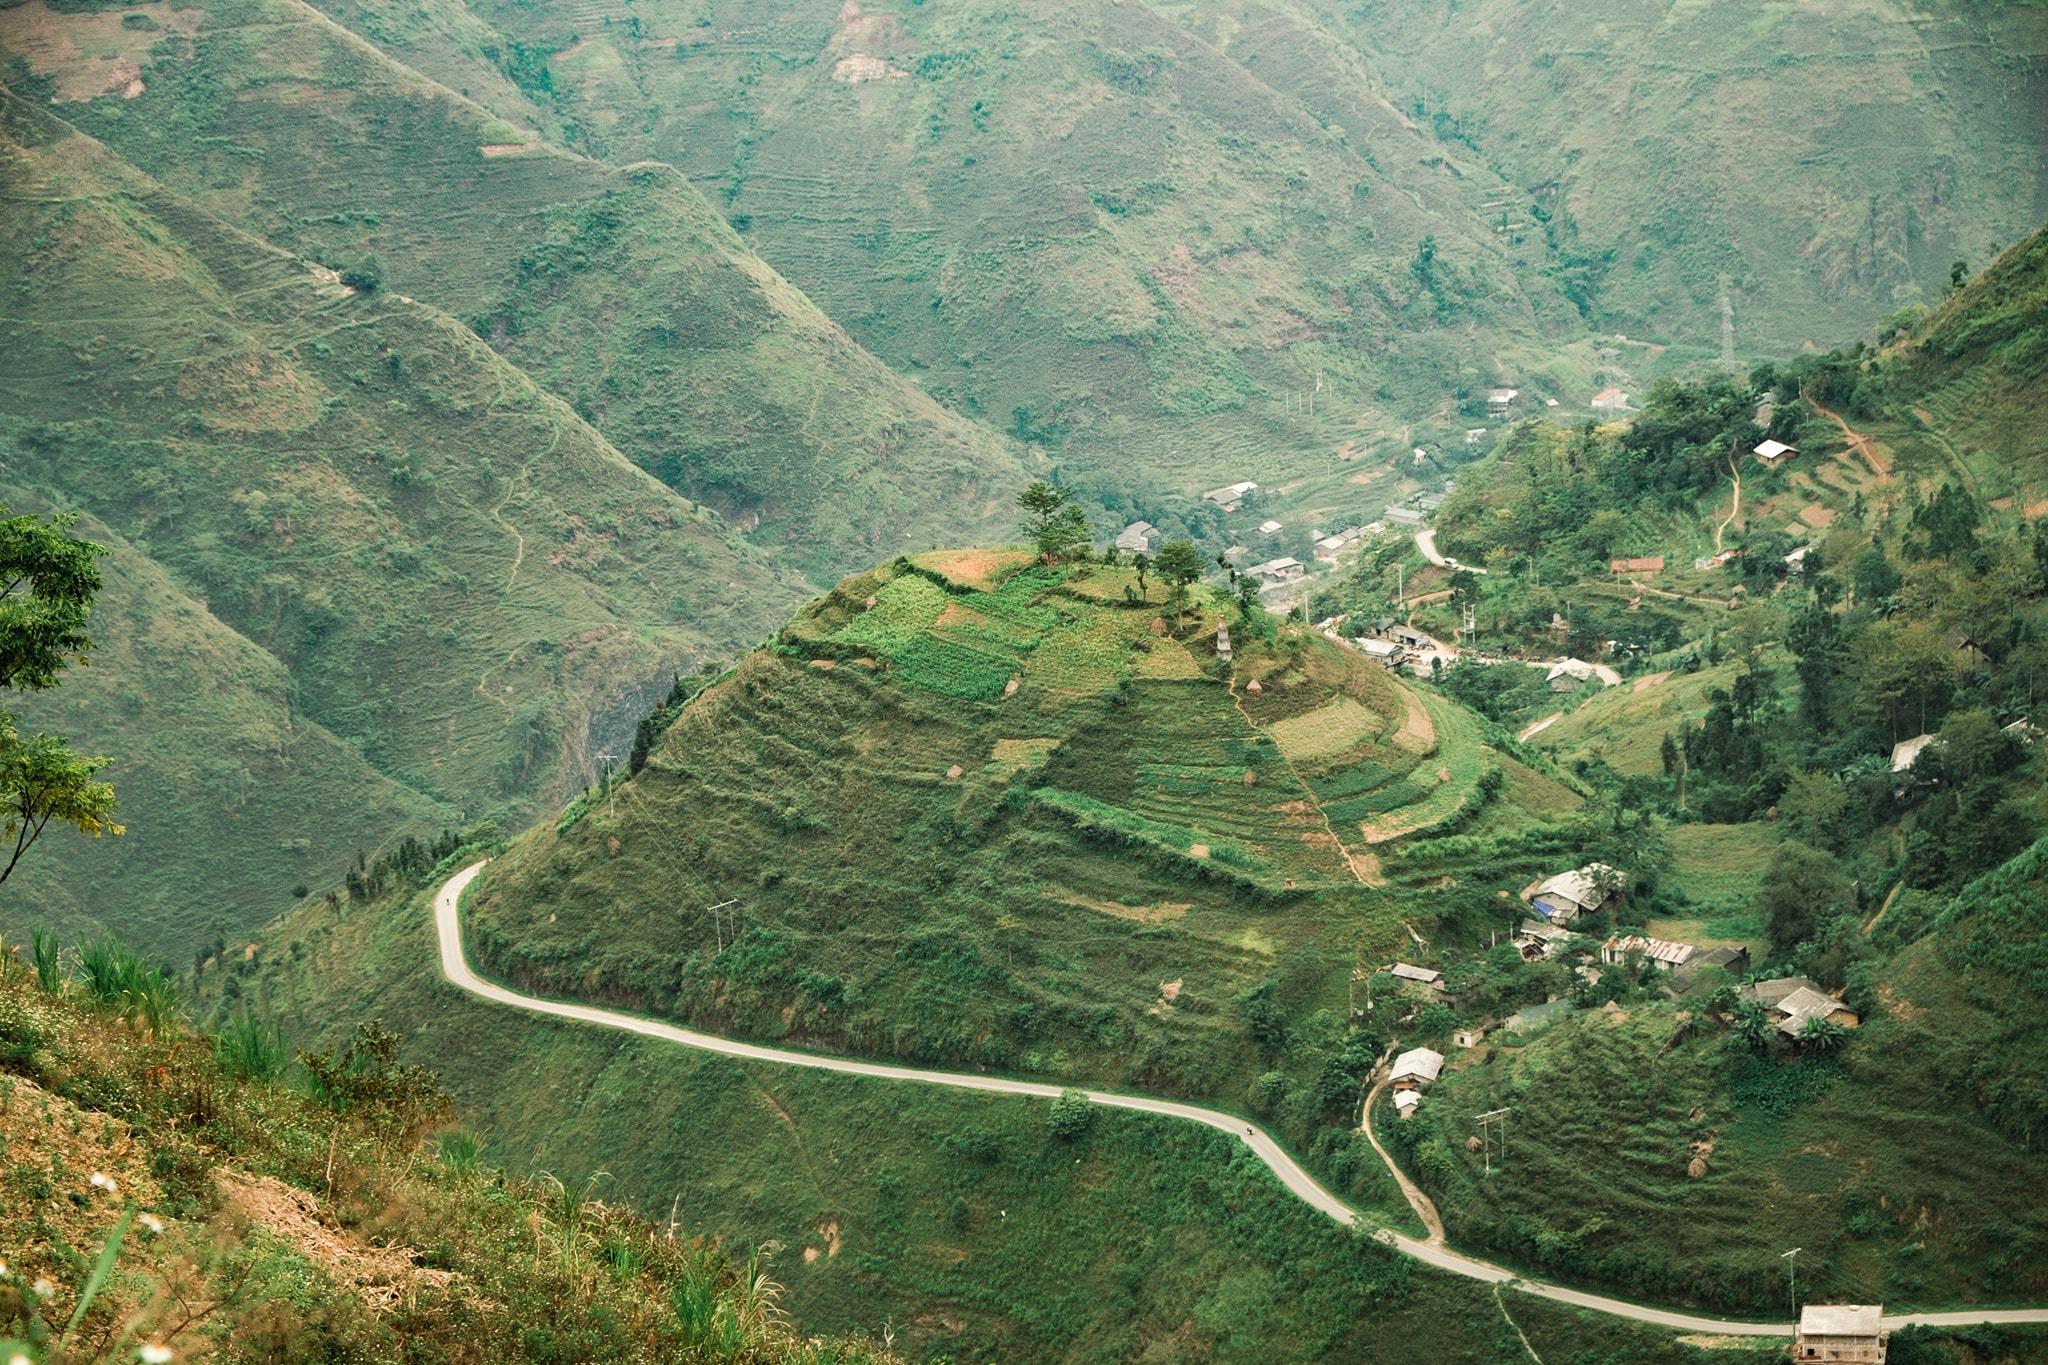 Khám phá Mã Pí Lèng, một trong 'tứ đại đỉnh đèo' của Việt Nam  - Ảnh 10.